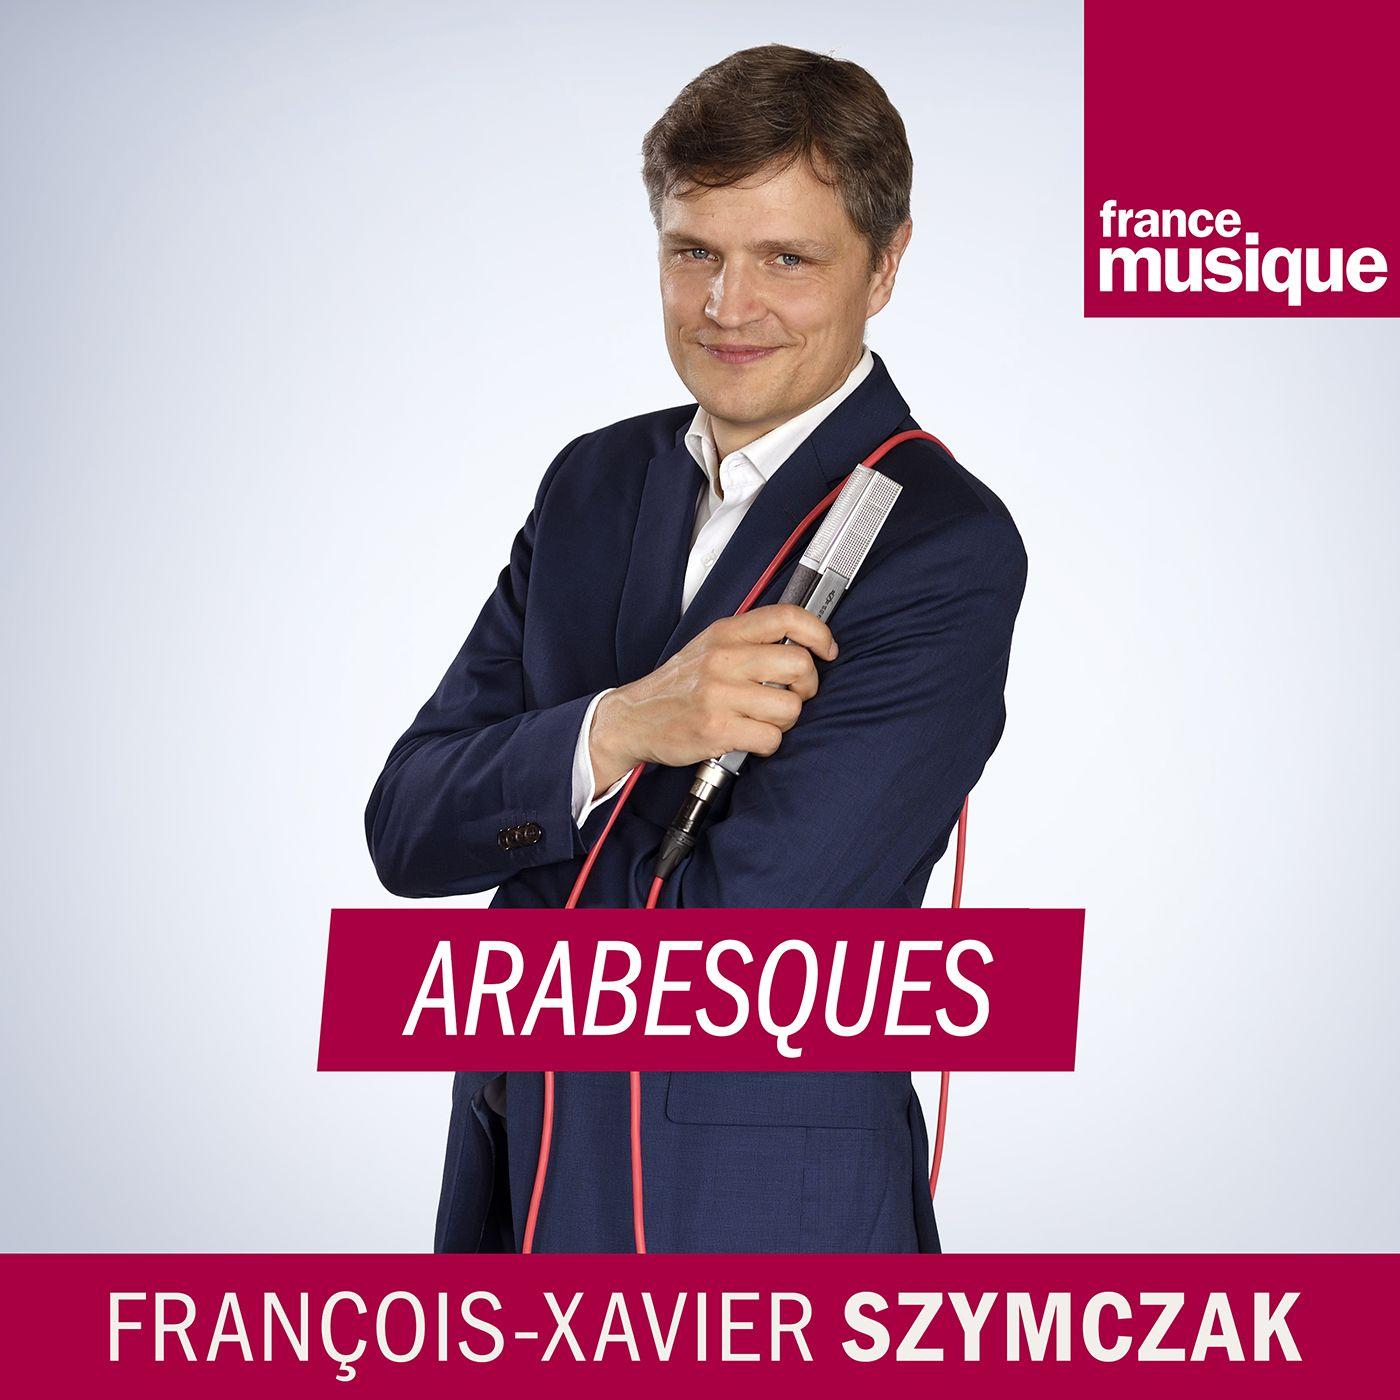 Image 1: Arabesques